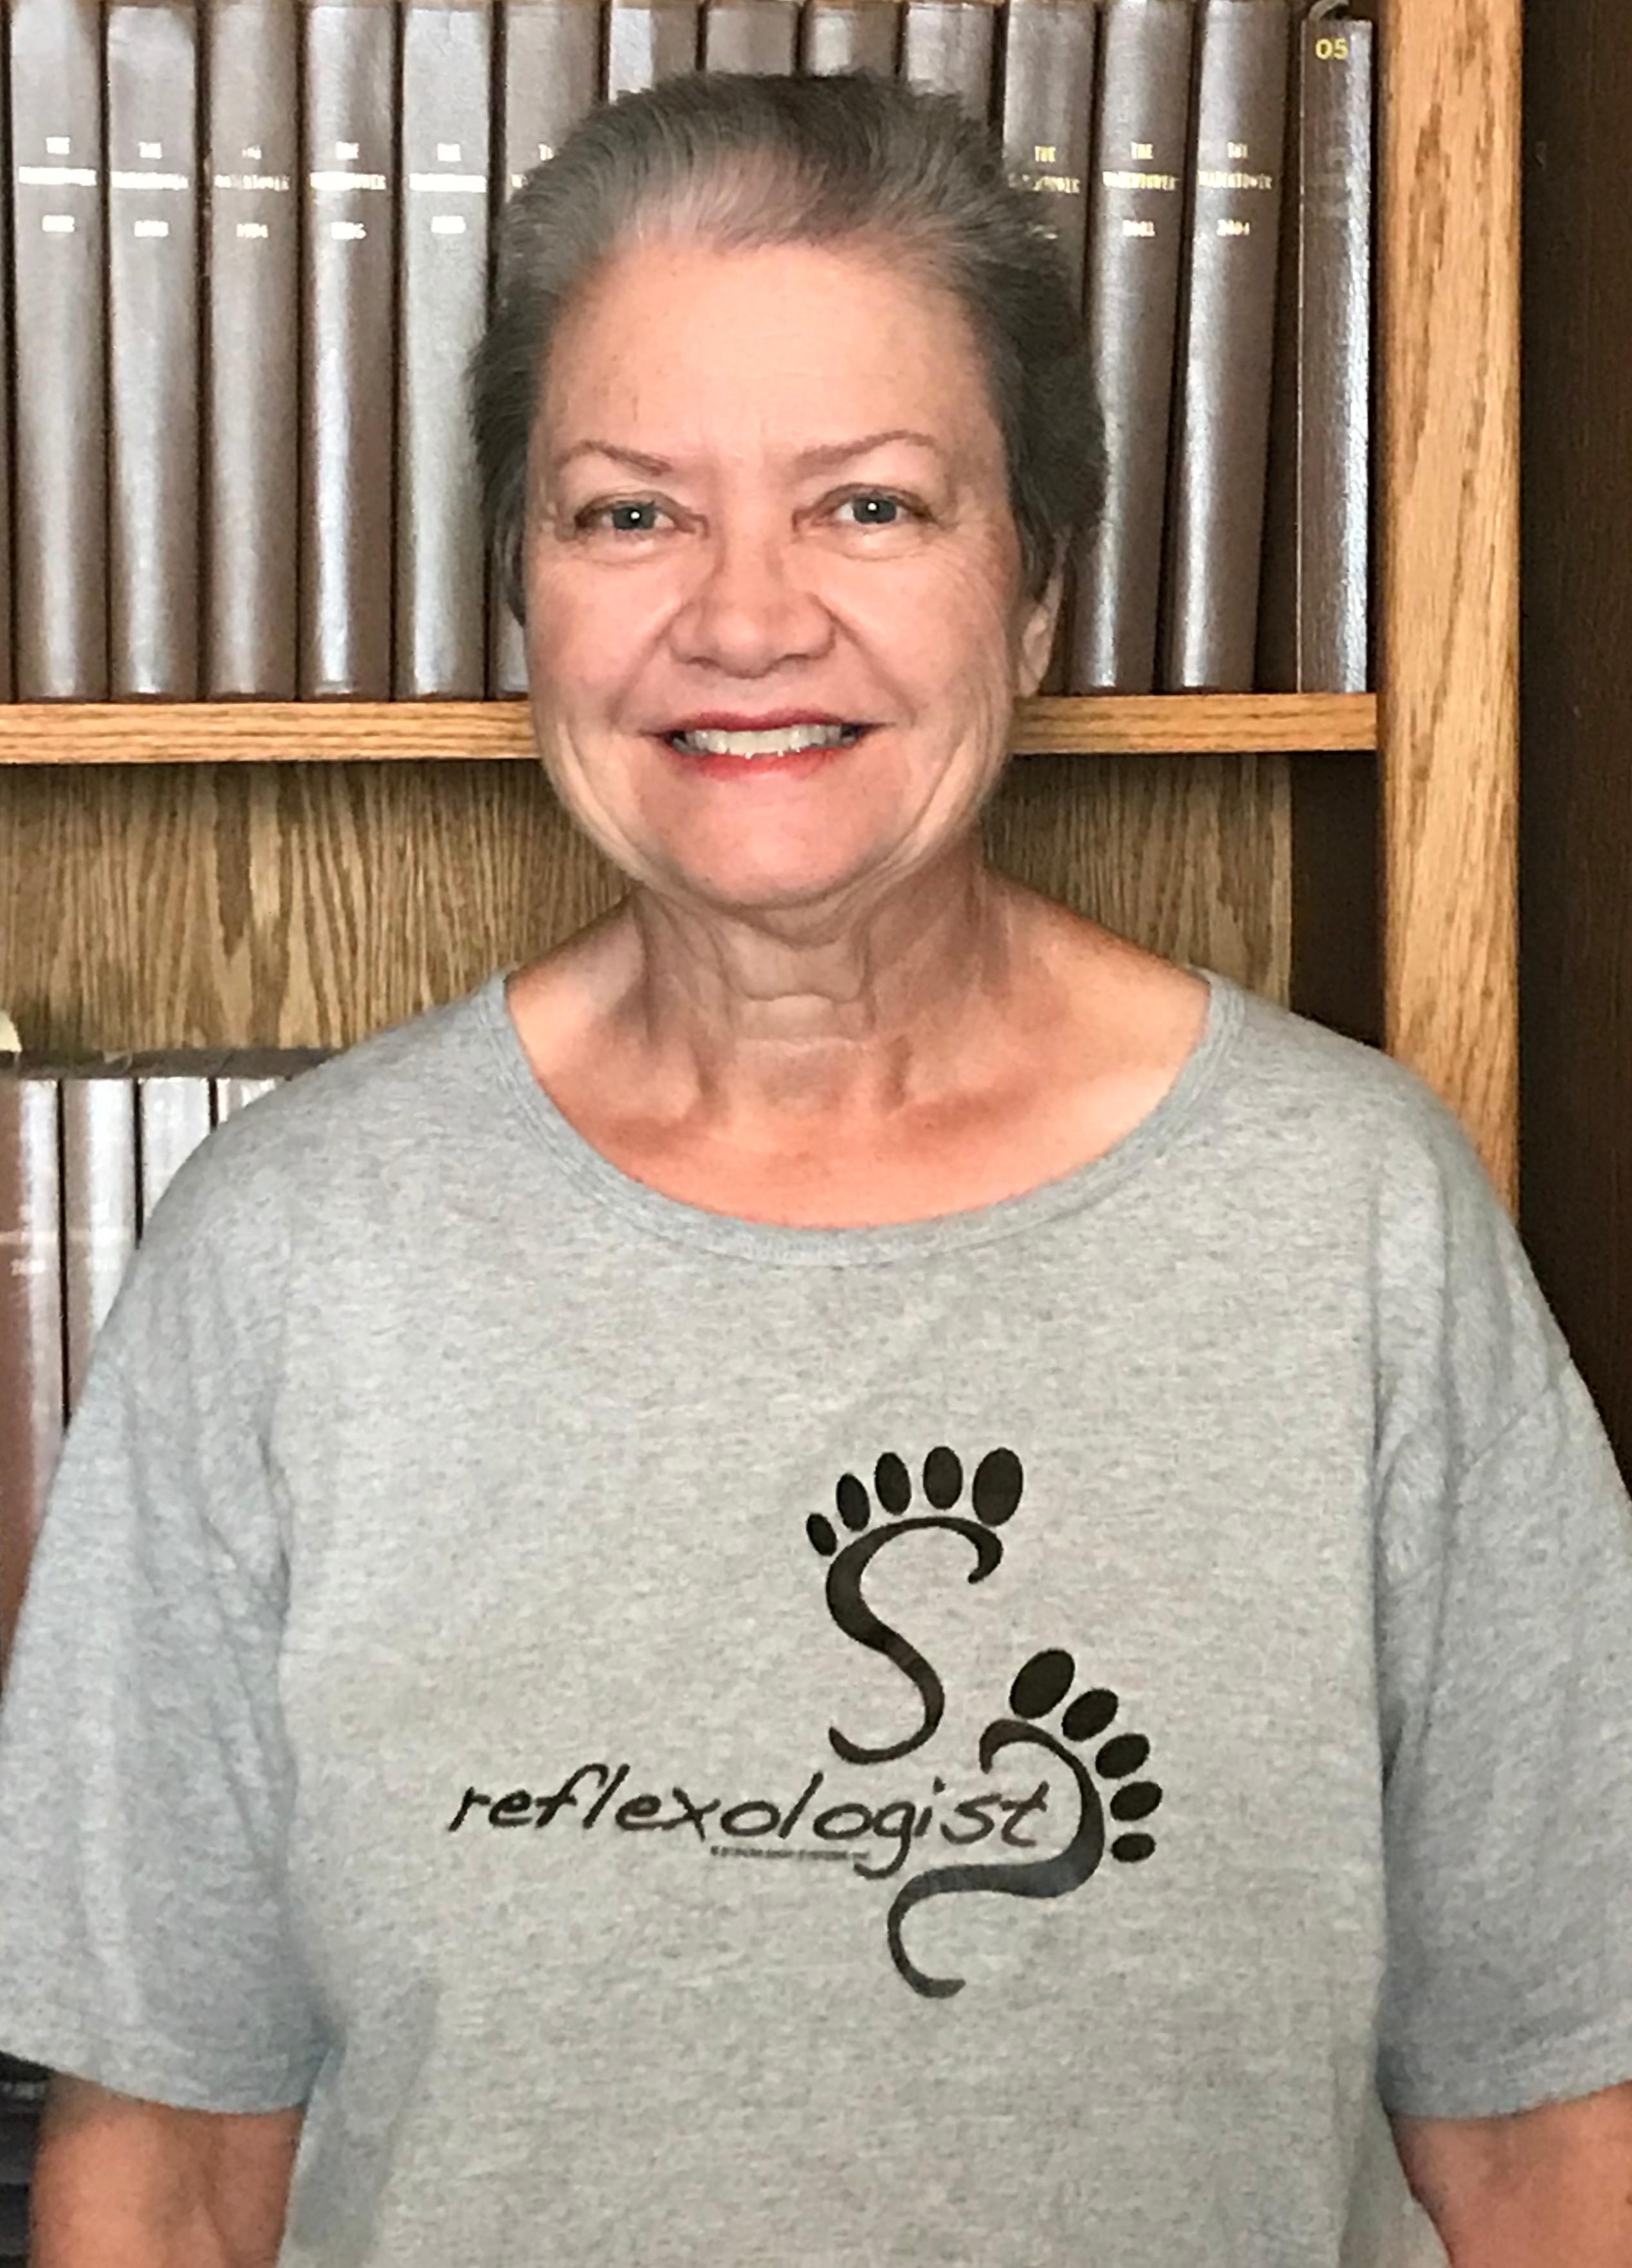 Feet First Reflexology-Mary Ann Mugaas